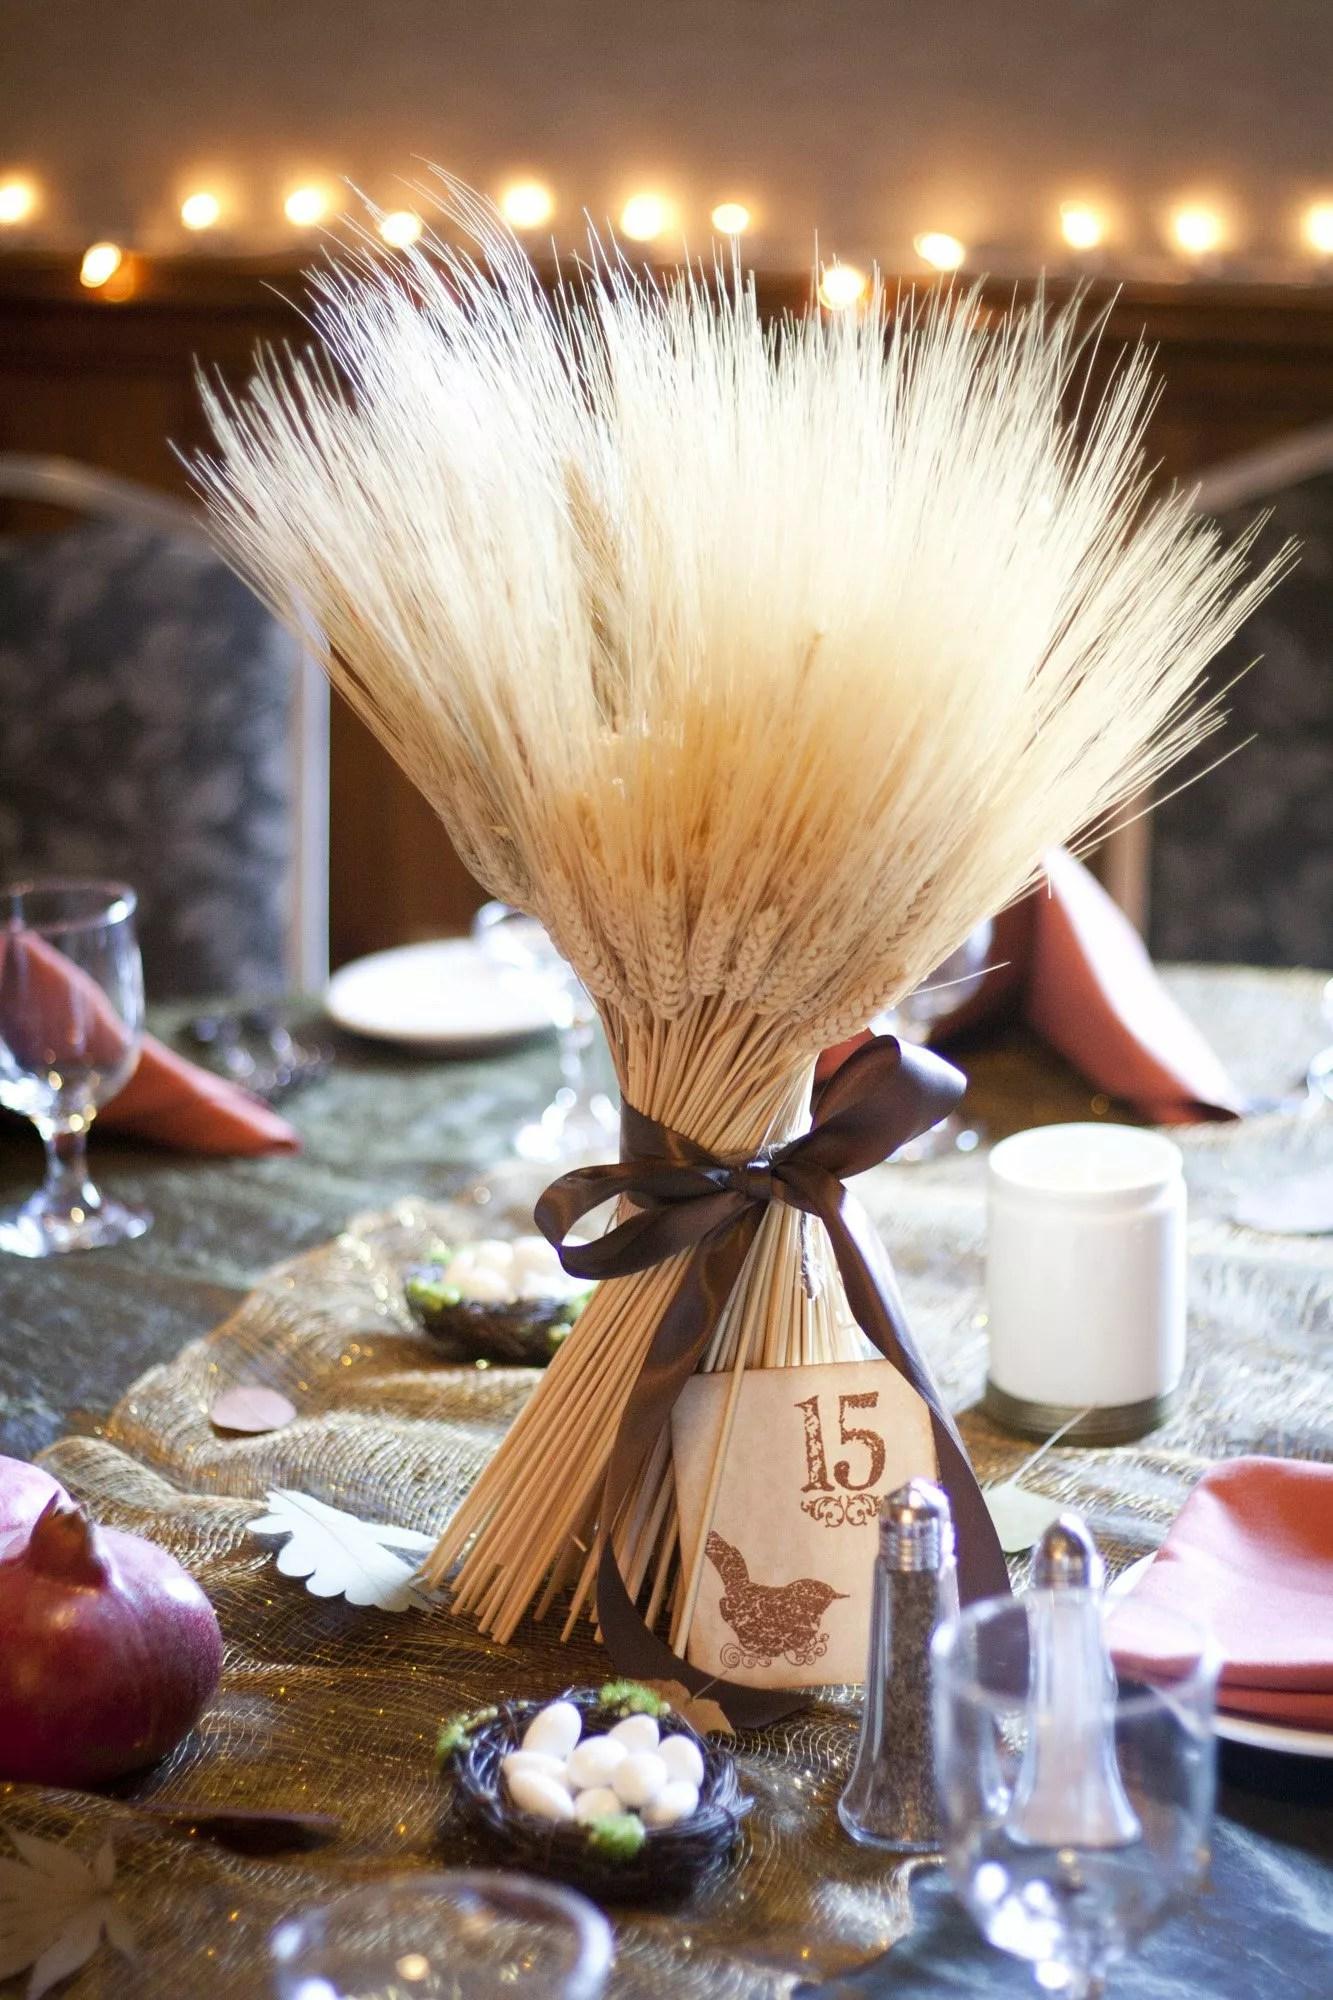 Wheat Stalk Centerpiece